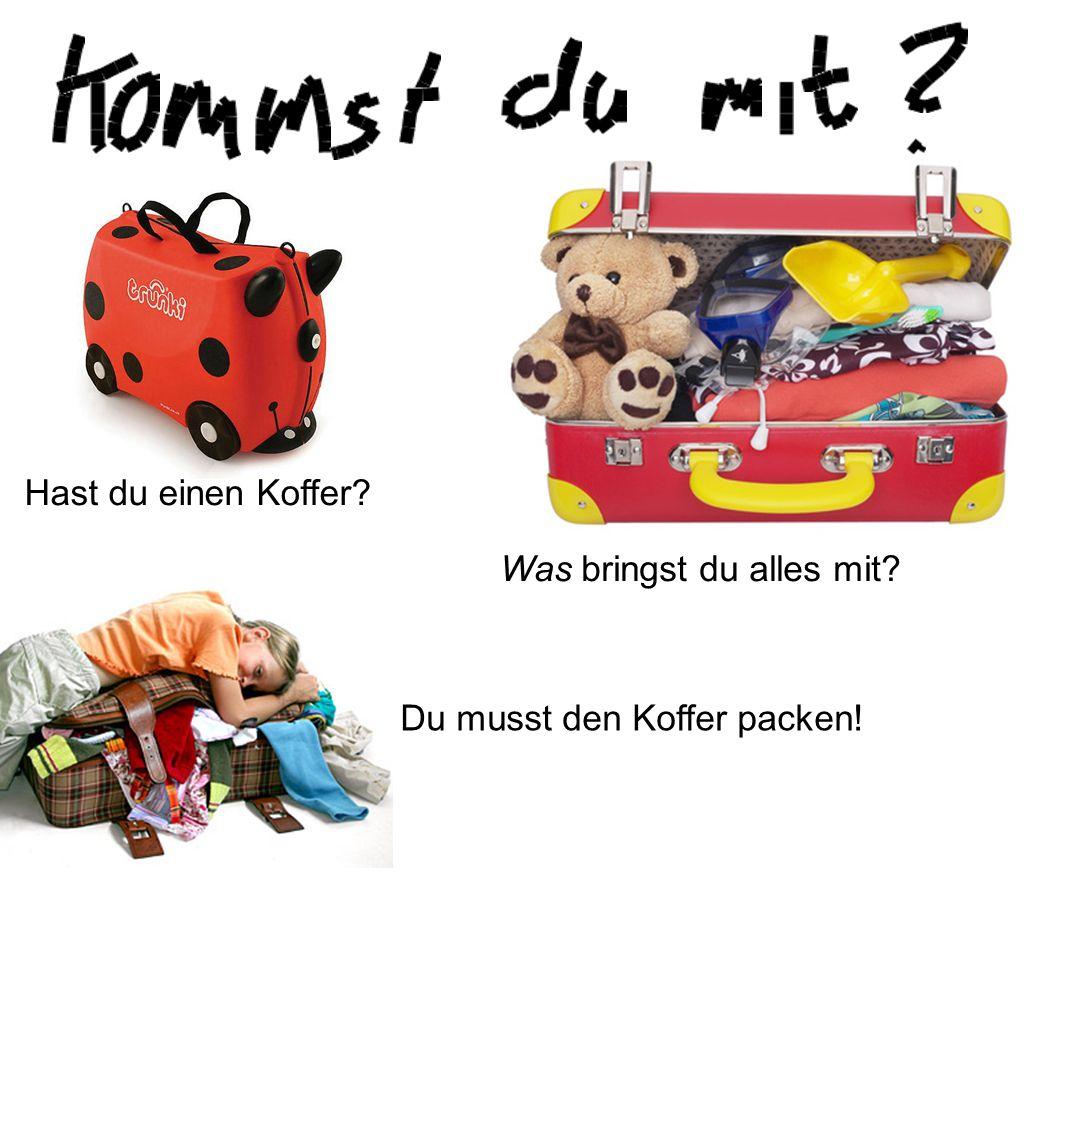 Andenken aus Berlin ein Berliner Bär ein Trabi / Trabant ein Stück von der Mauer ein Ampelmännchen